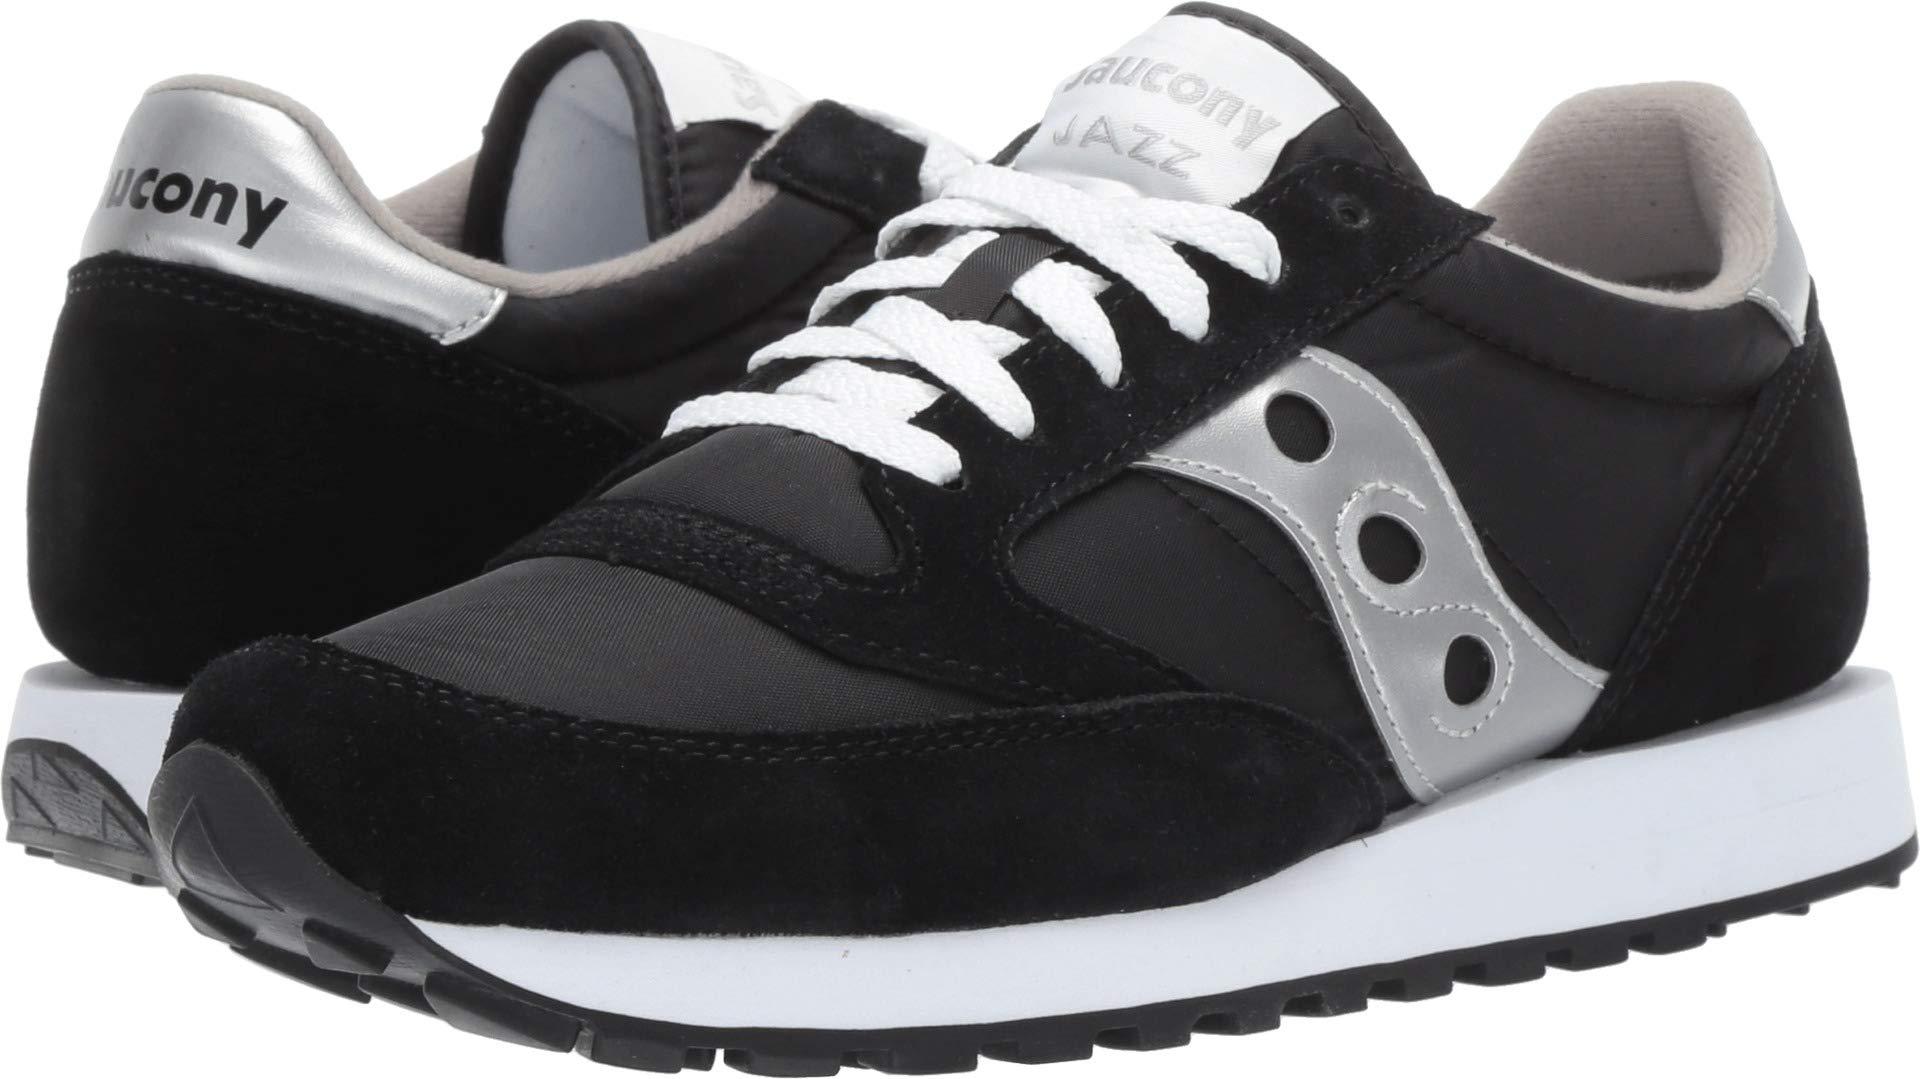 Saucony Originals Men's Jazz Sneaker,Black/Silver,7 M